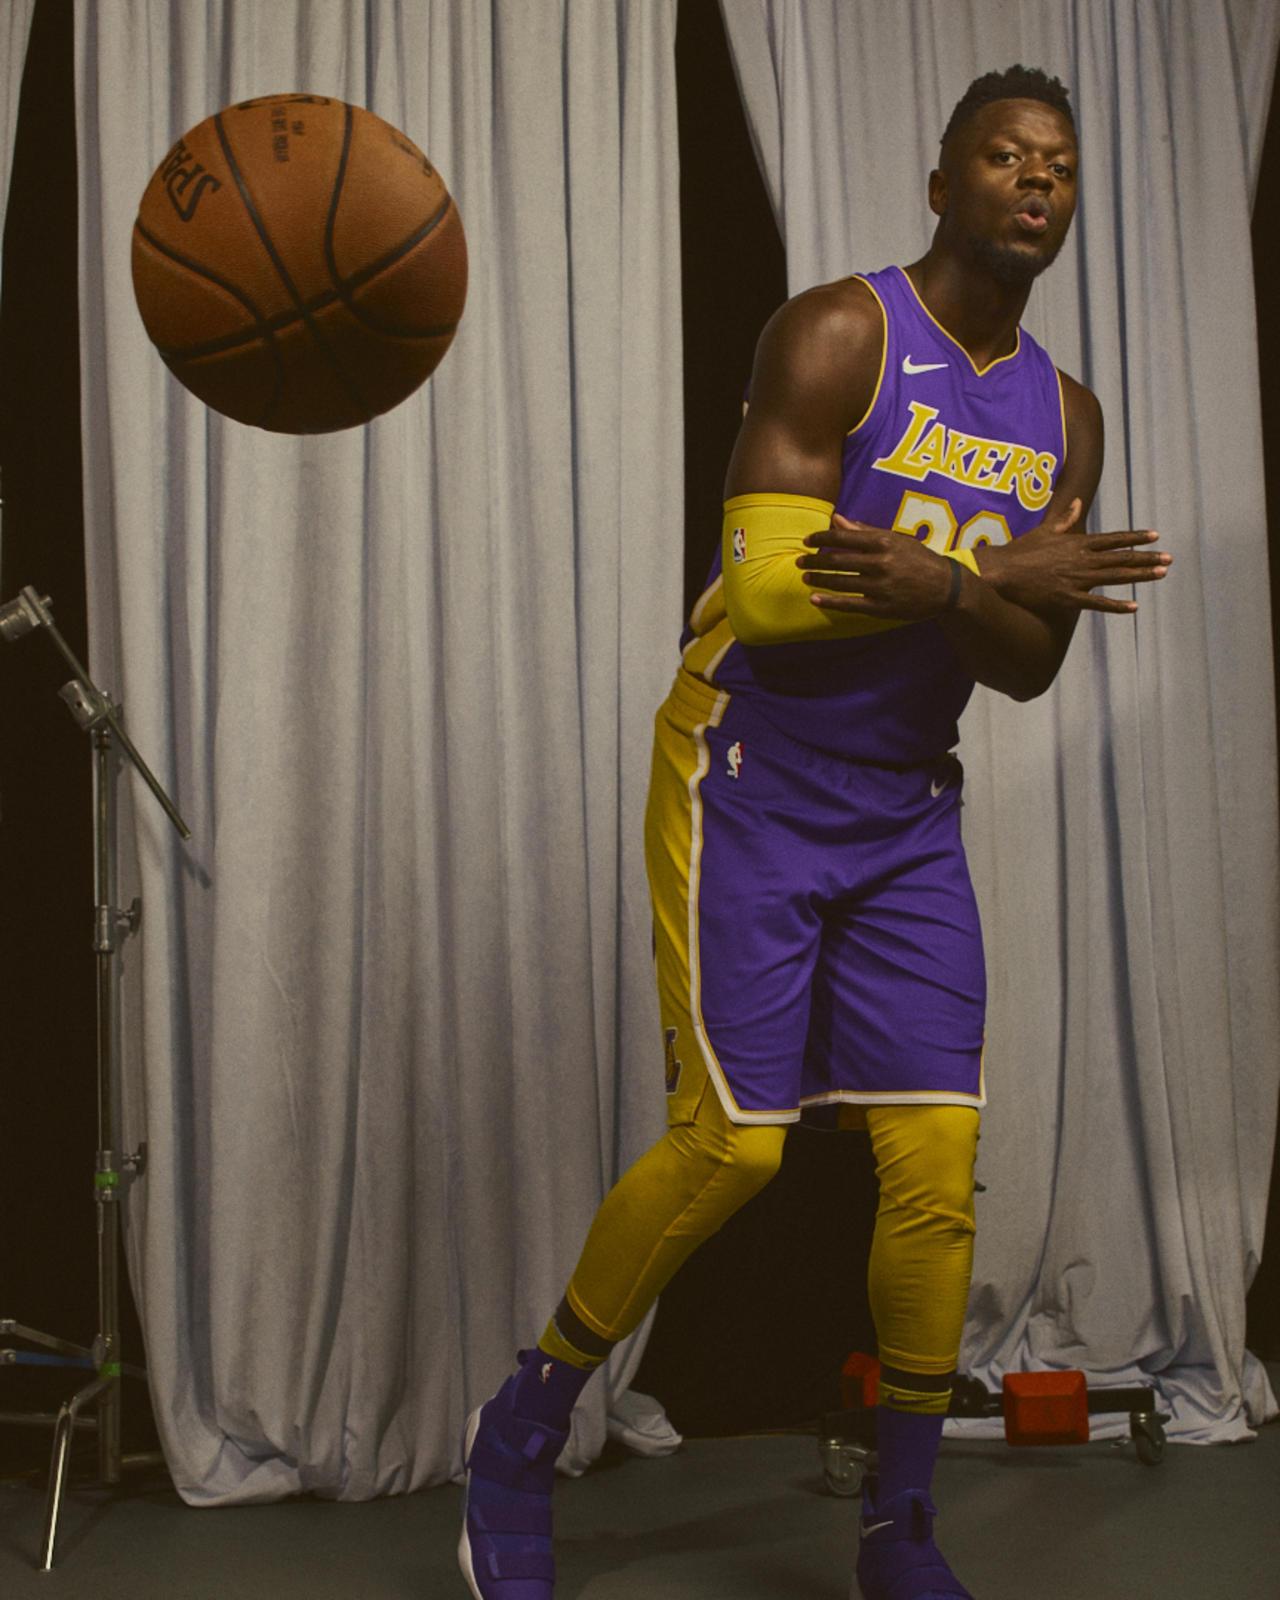 Nike NBA Statement Edition uniform Lakers